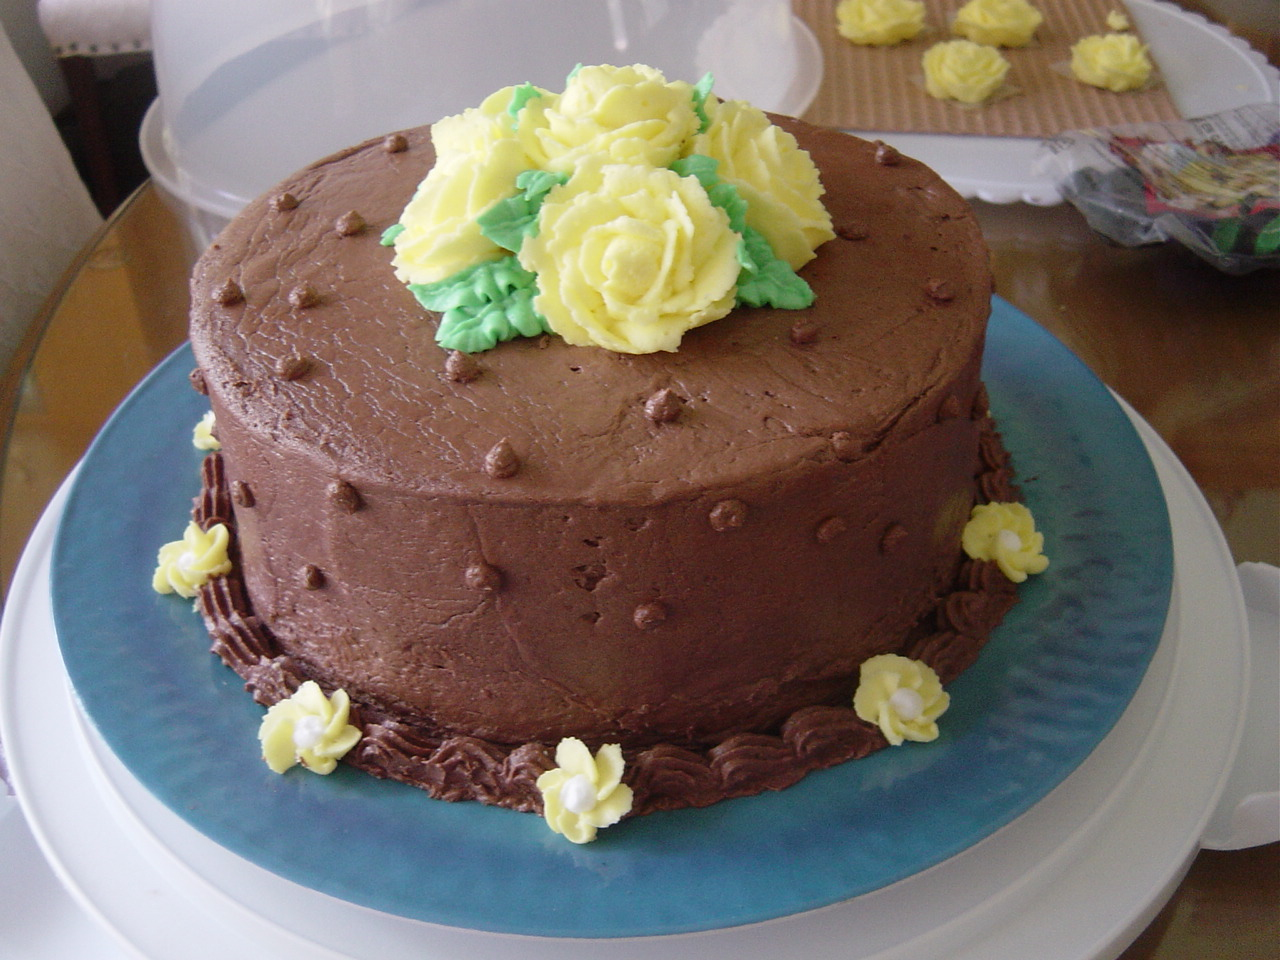 Chocolate and Yellow Rose Cake